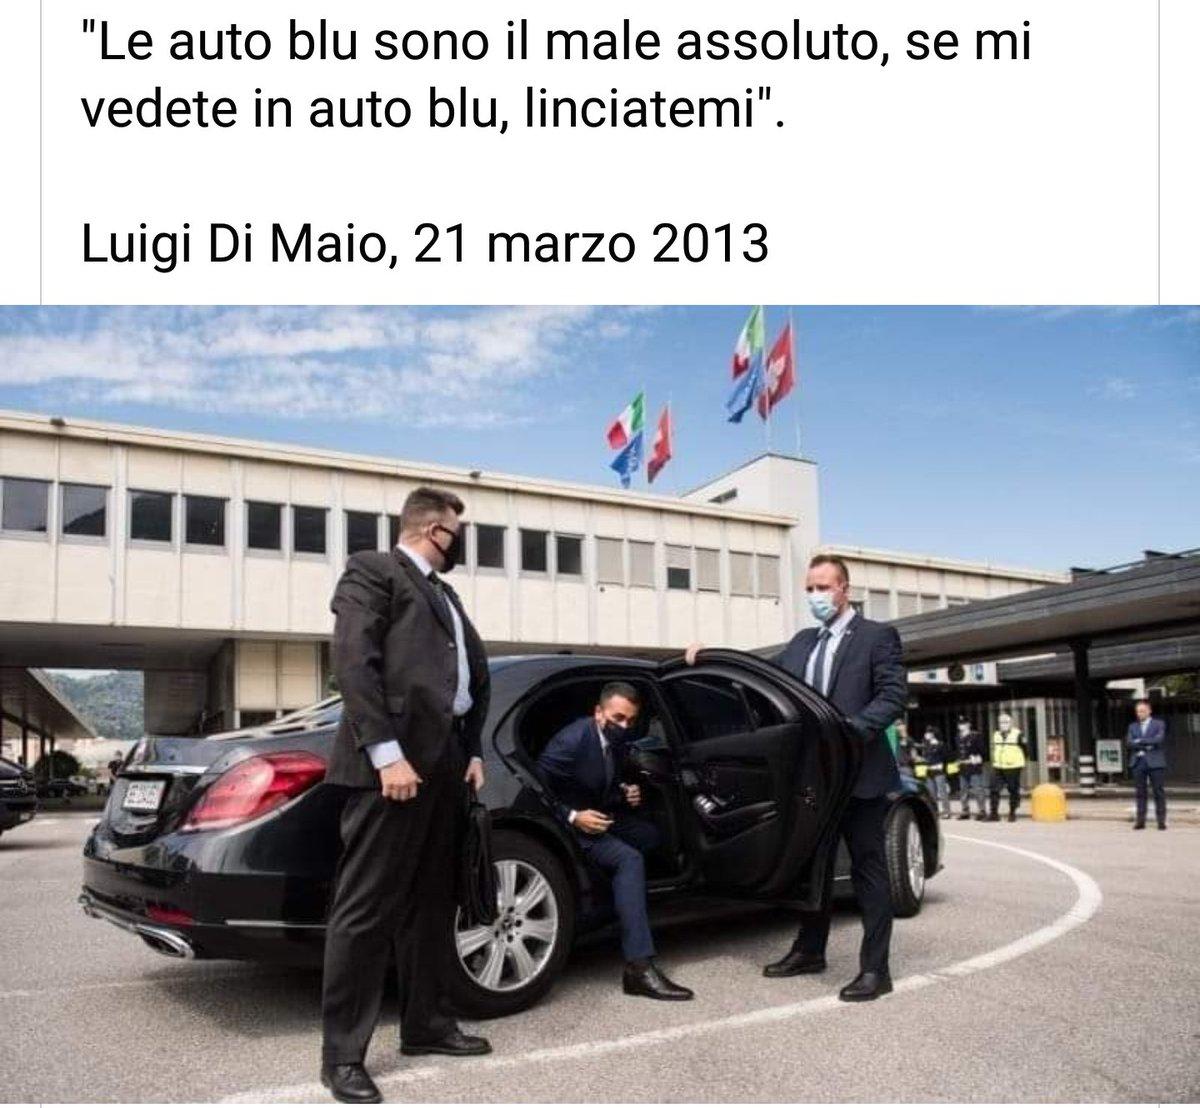 Giusto x ricordare cosa diceva #giggettolafrottola, un nome una garanzia di #cazzate 🤗🤗🤗#IOVOTONO https://t.co/6qIxC86Jpl